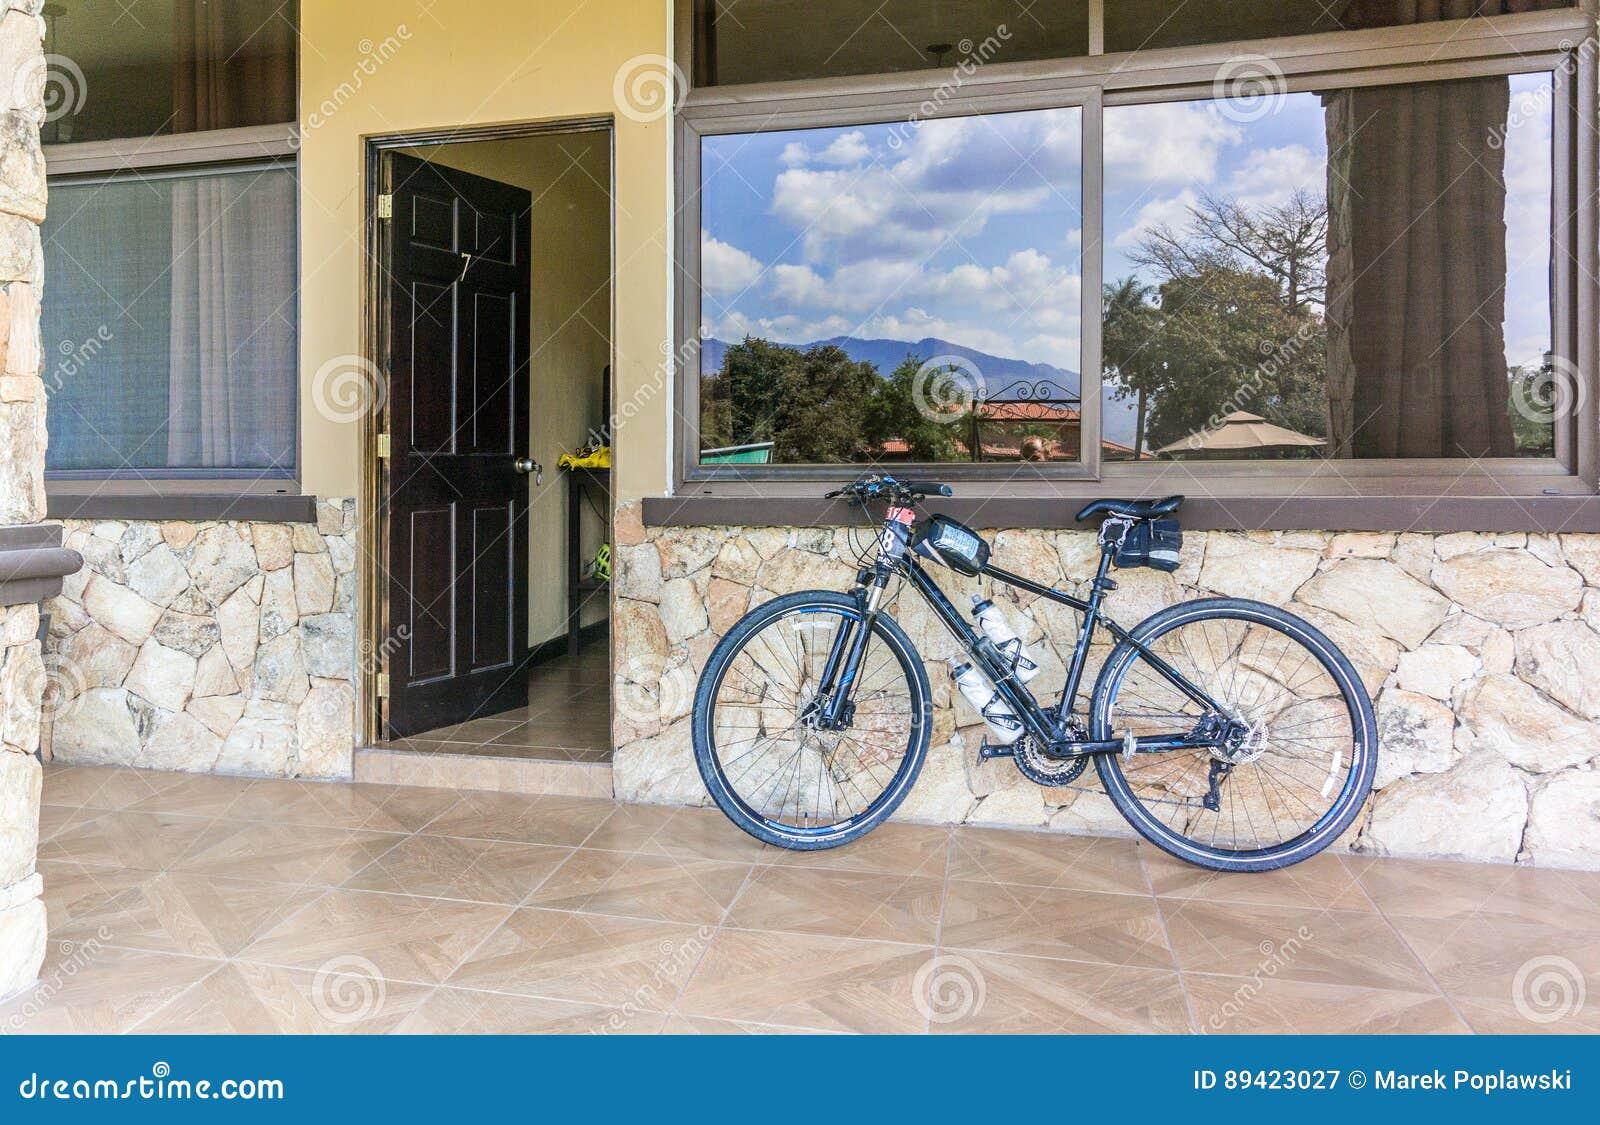 Είσοδος στο δωμάτιο στο μεγάλο ξενοδοχείο Caporal σε Chiquimula, Guate